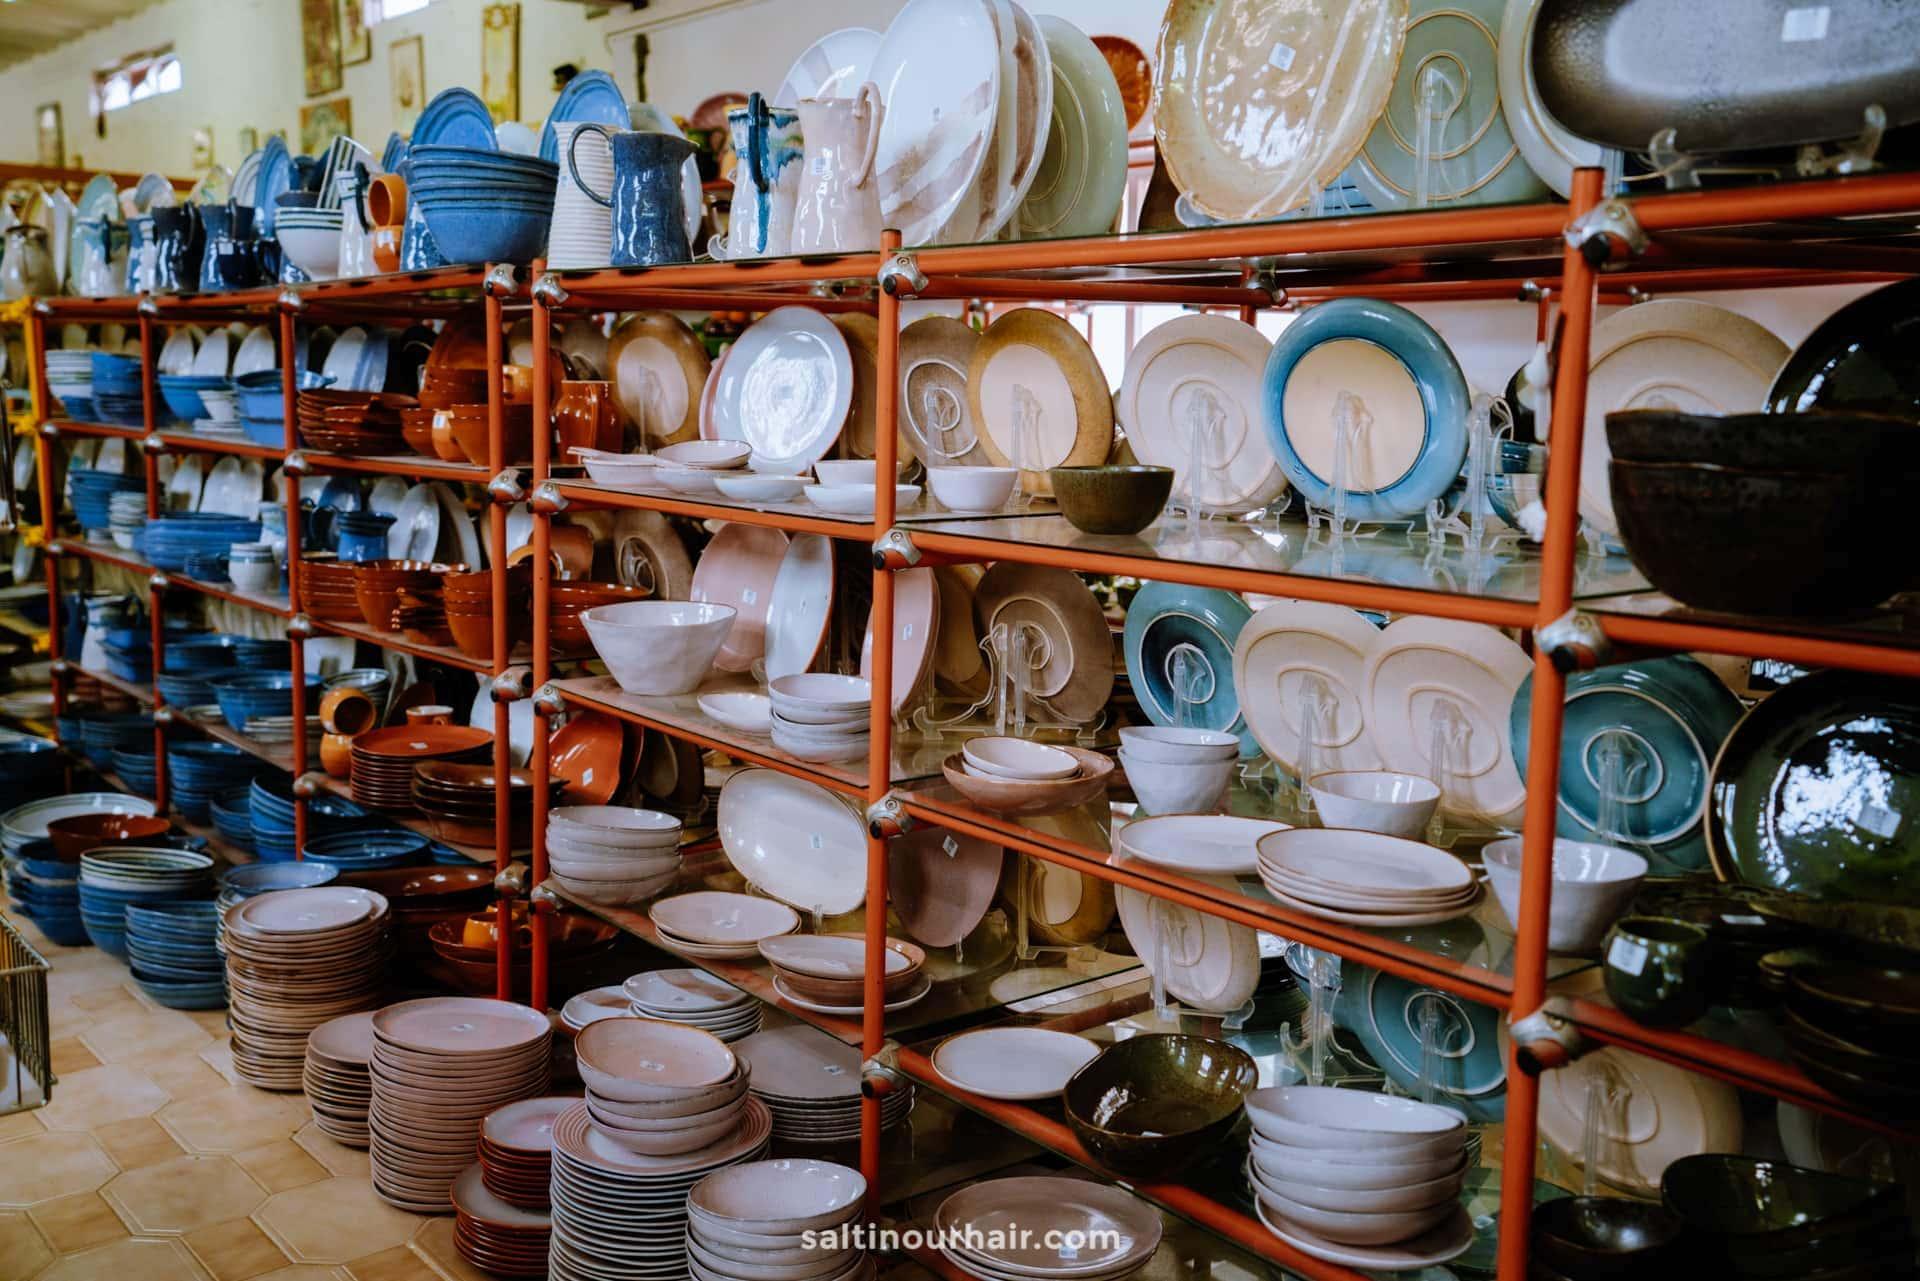 portugese ceramics